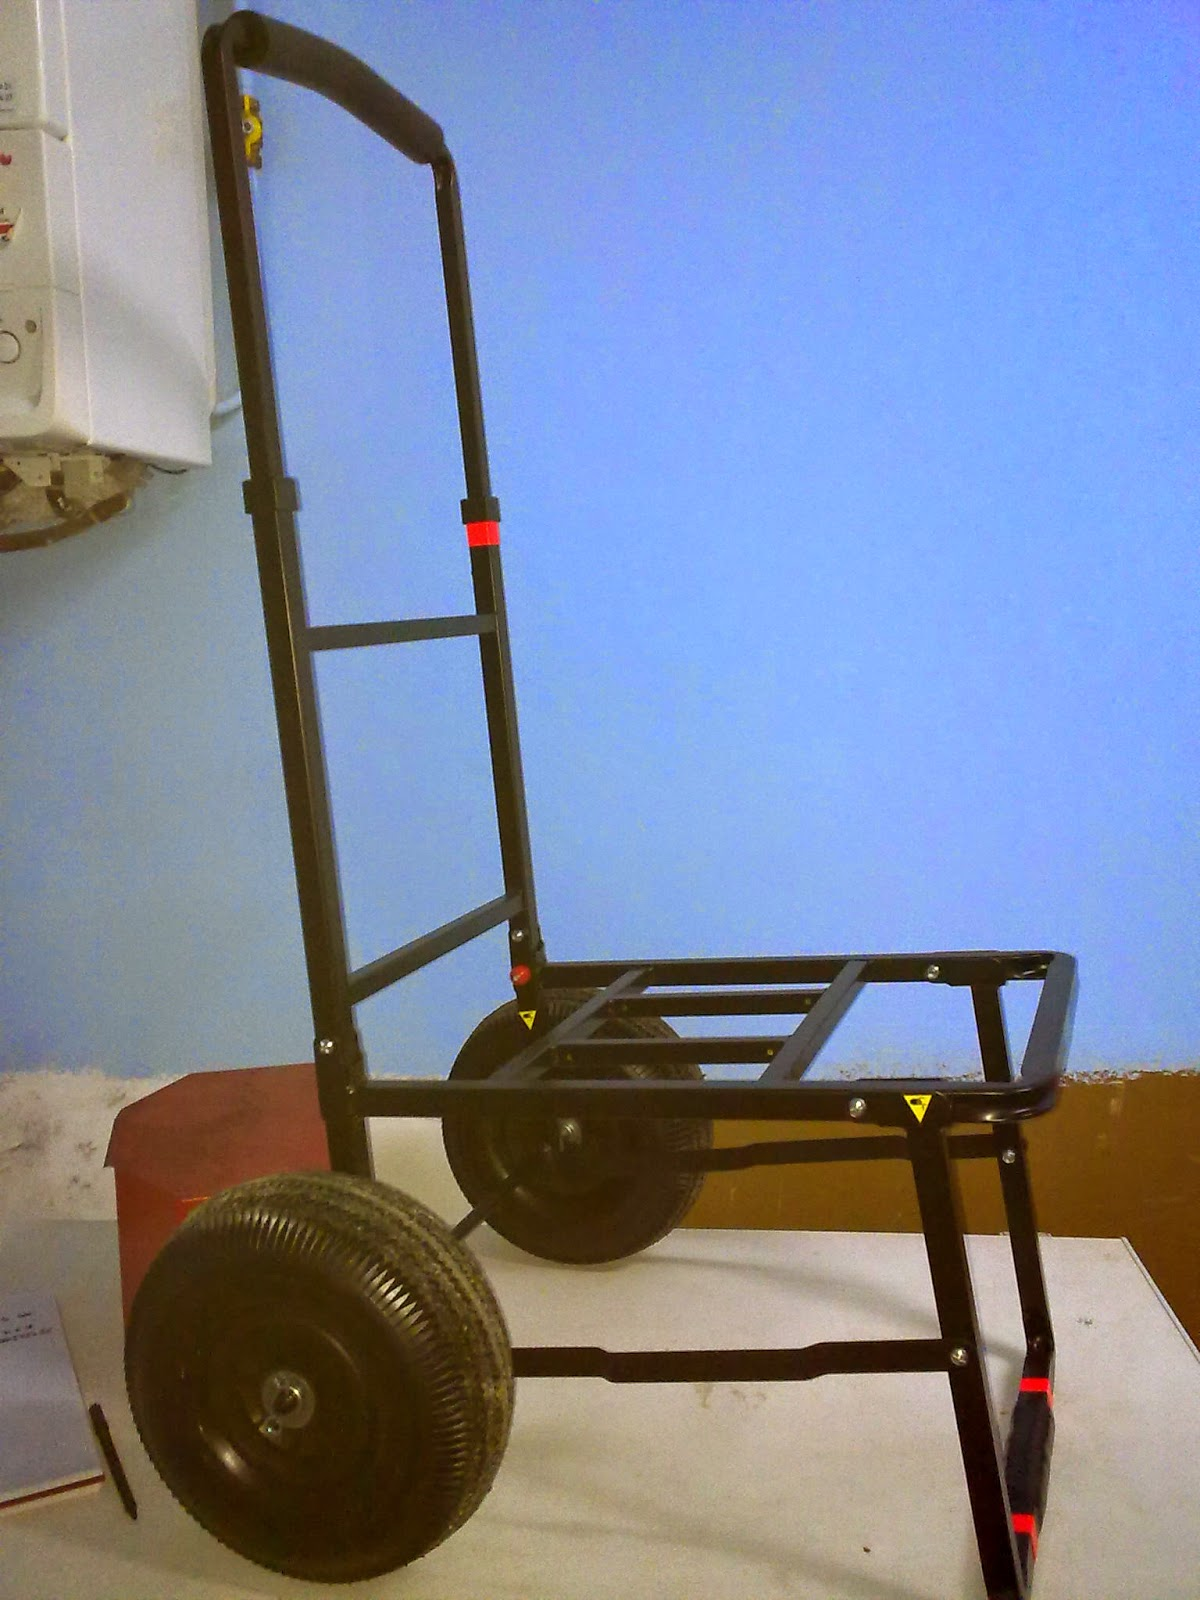 Santander de pesca preparando los apachuscos carro de pesca - Carro playa carrefour ...